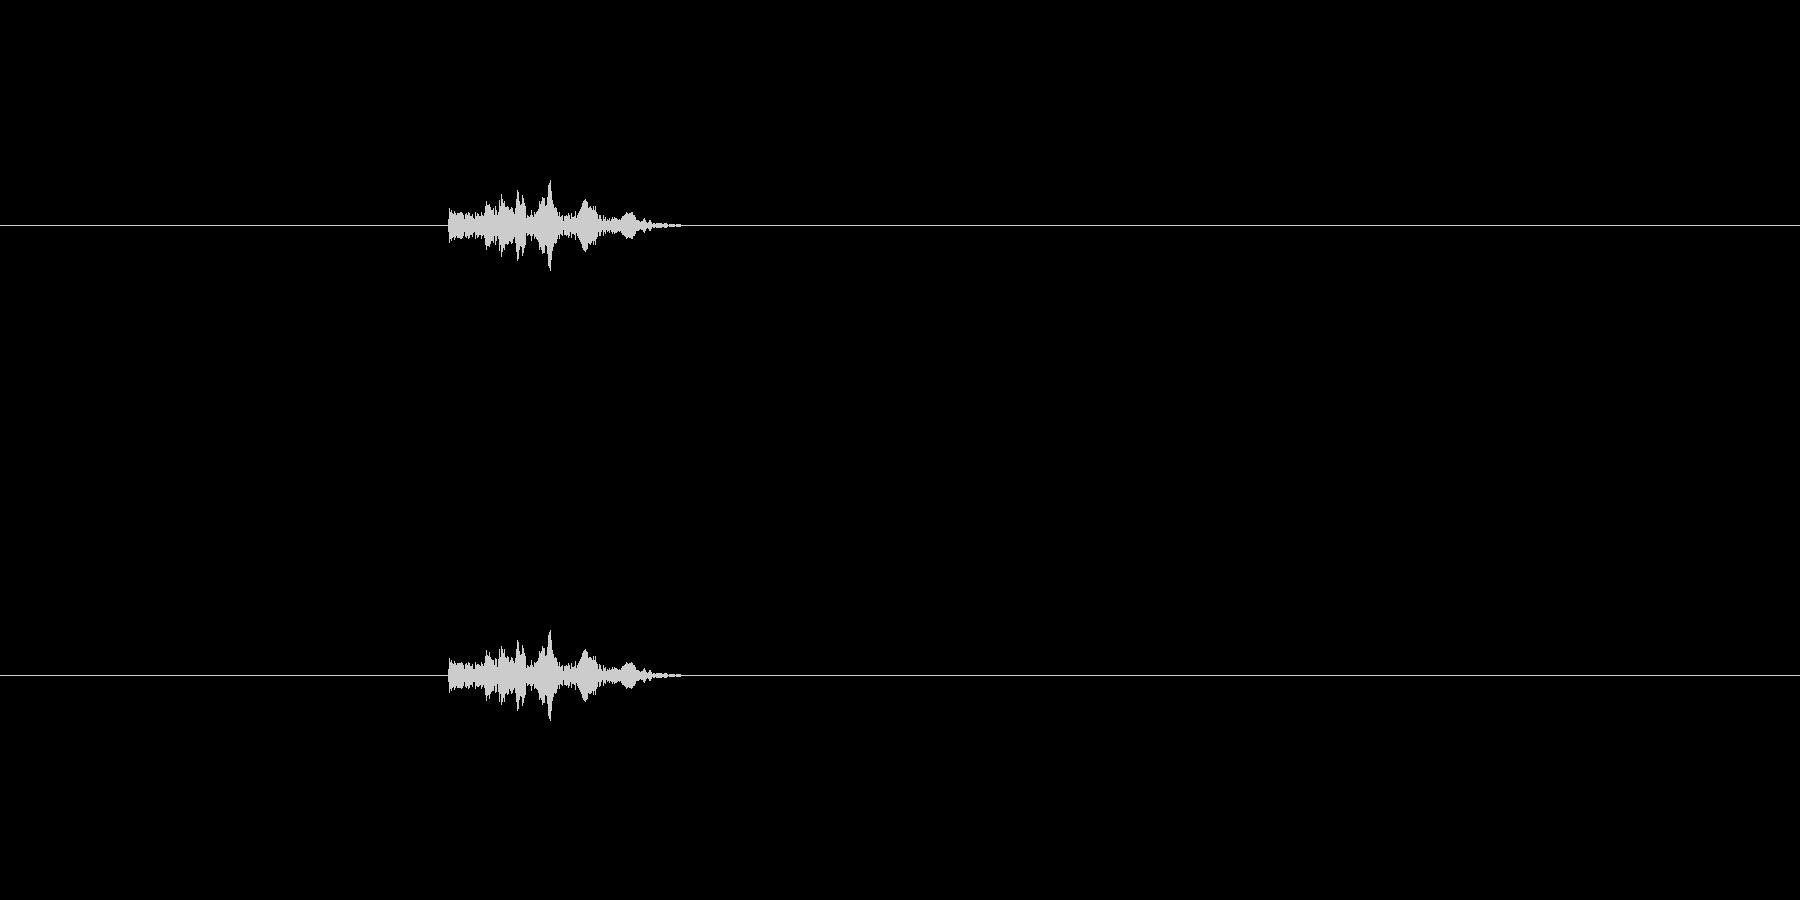 キュッ(水道の蛇口を閉める音)の未再生の波形